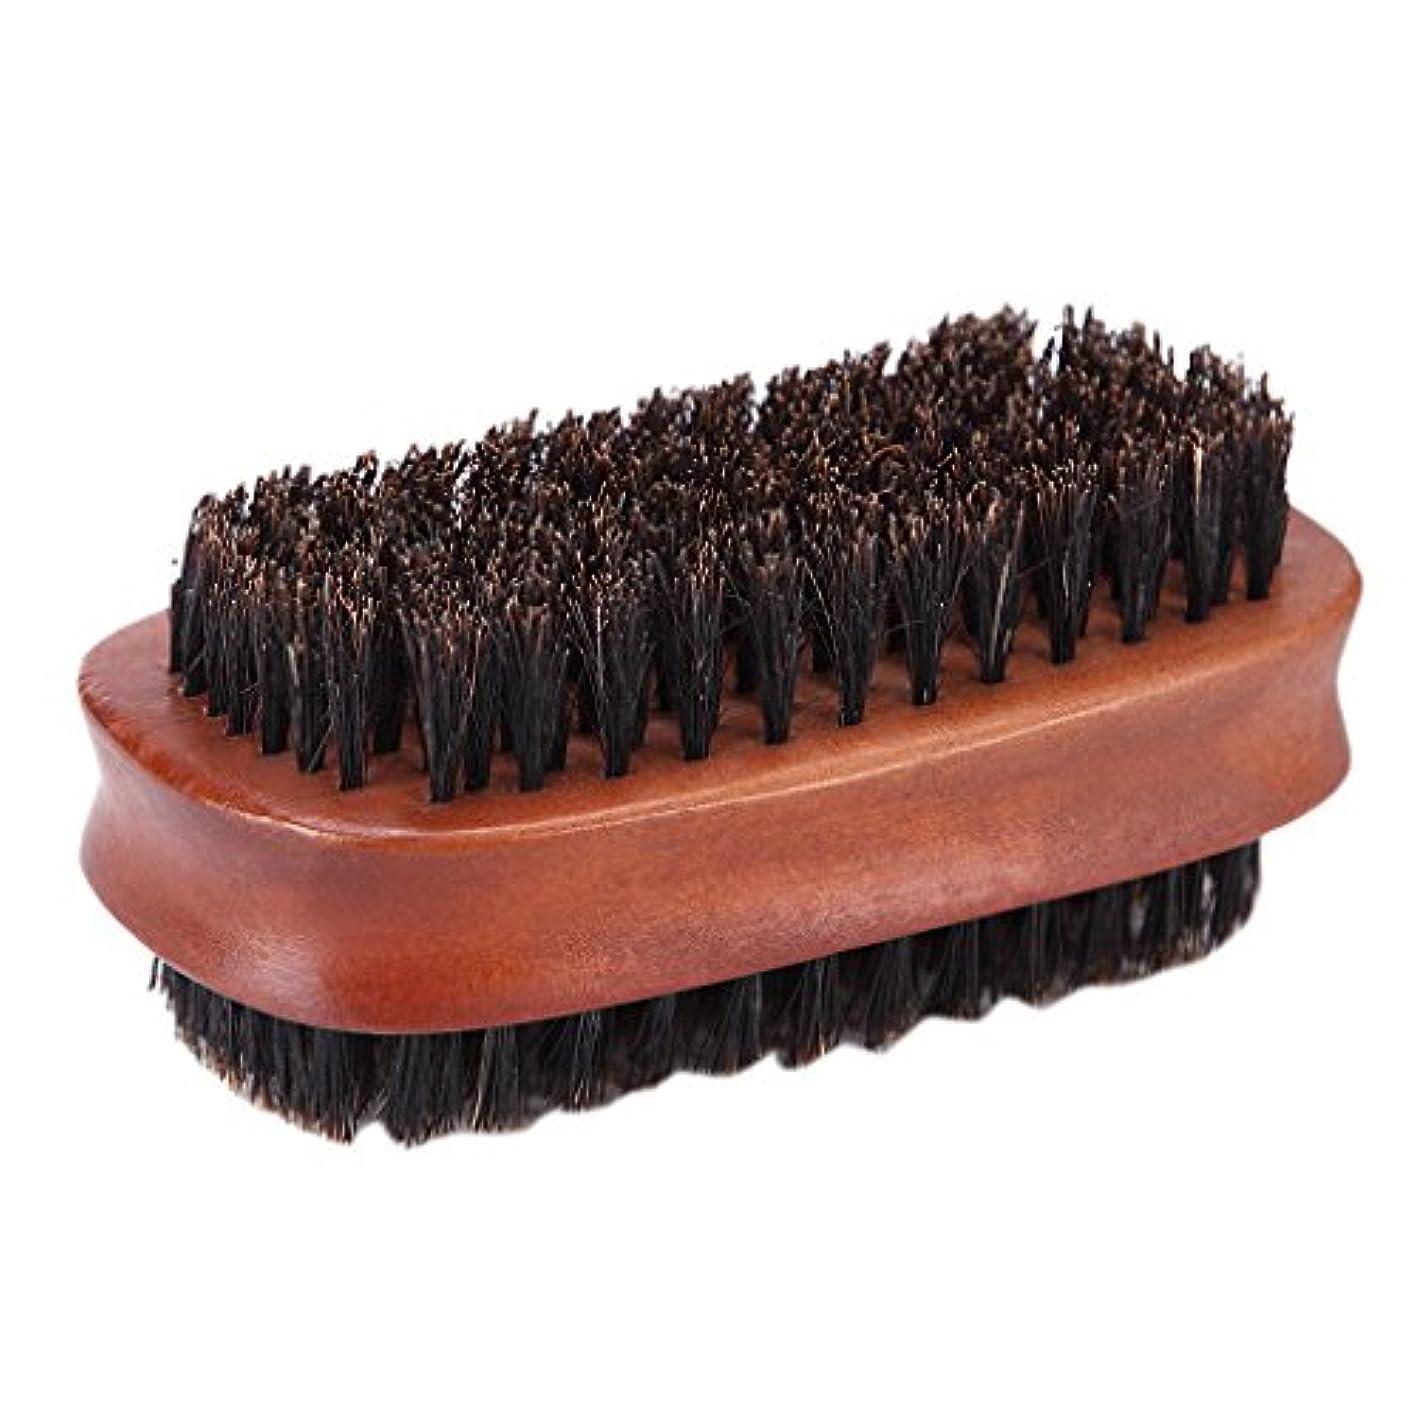 精神的にセッティング反逆Homyl ヘアカット ダスターブラシ 両面ブラシ サロン 散髪 ヘアカット 柔らか 使いやすい